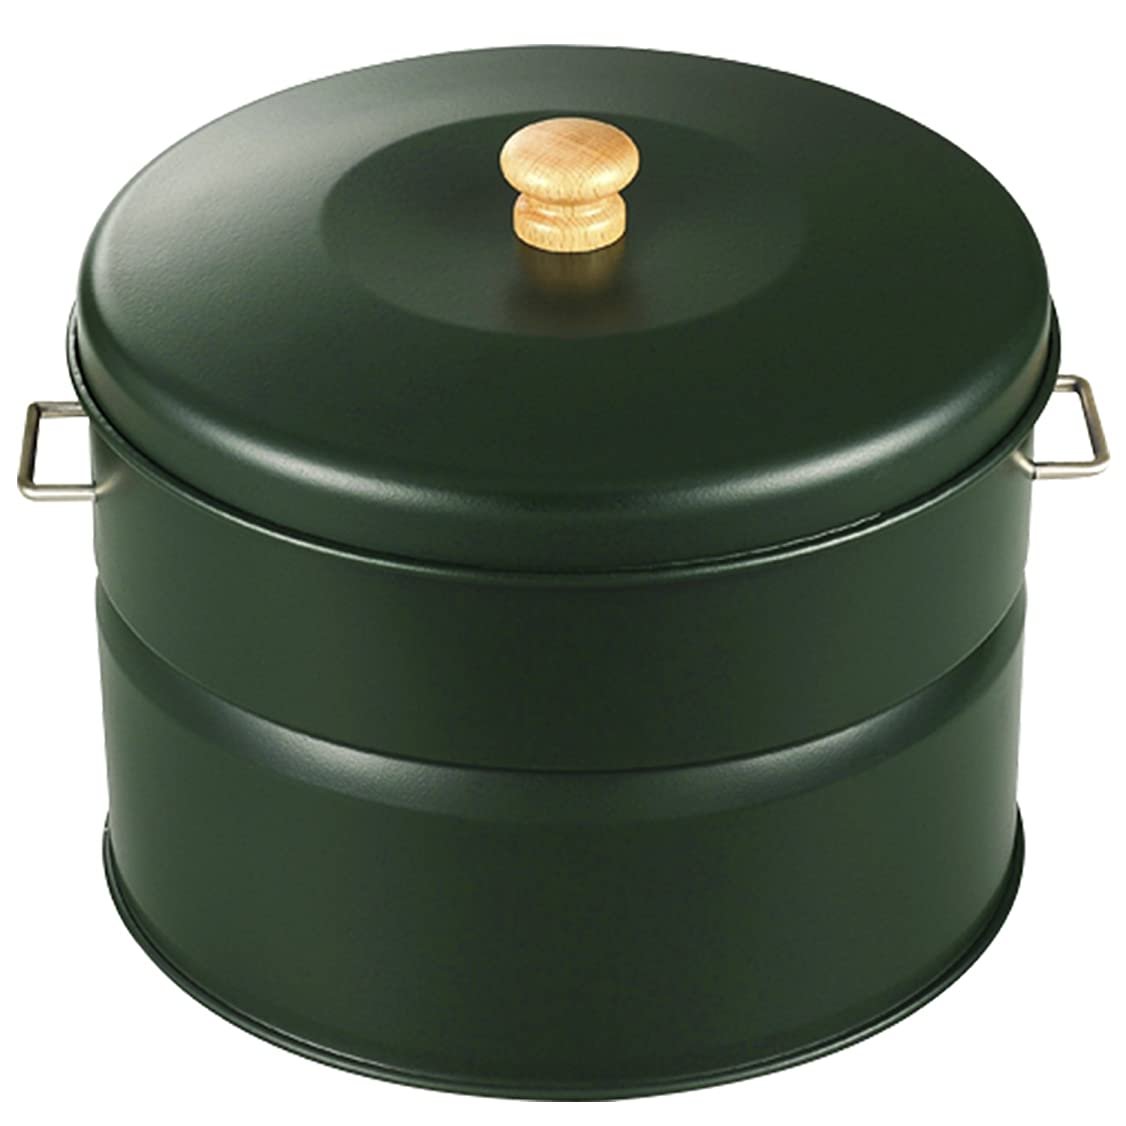 告白扇動する圧縮するホンマ製作所 (サンフィールド/SunField) キッチン スモークキュート (燻製レシピ/スモークチップ付き) グリーン IH-240P